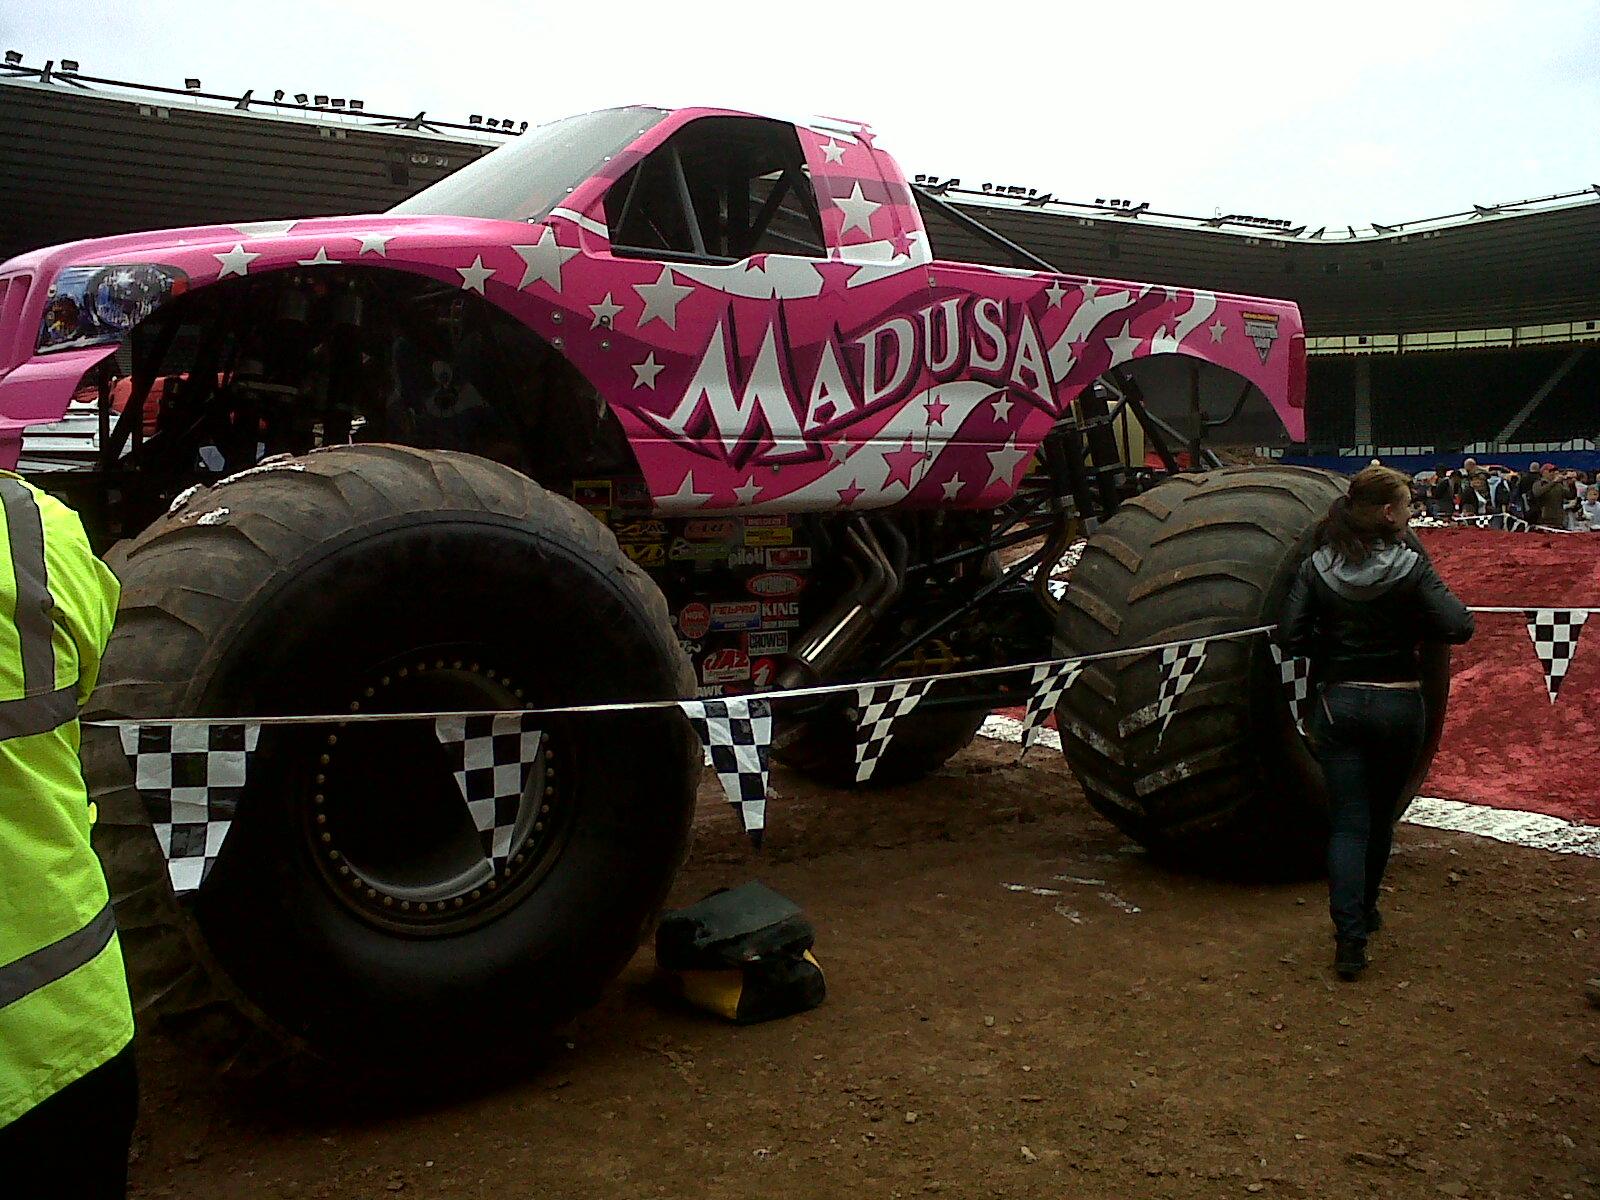 Ausmalbild Madusa Monster Truck: Sri Remote Toys Blog: SRI Remote Toys Visits Monster Jam